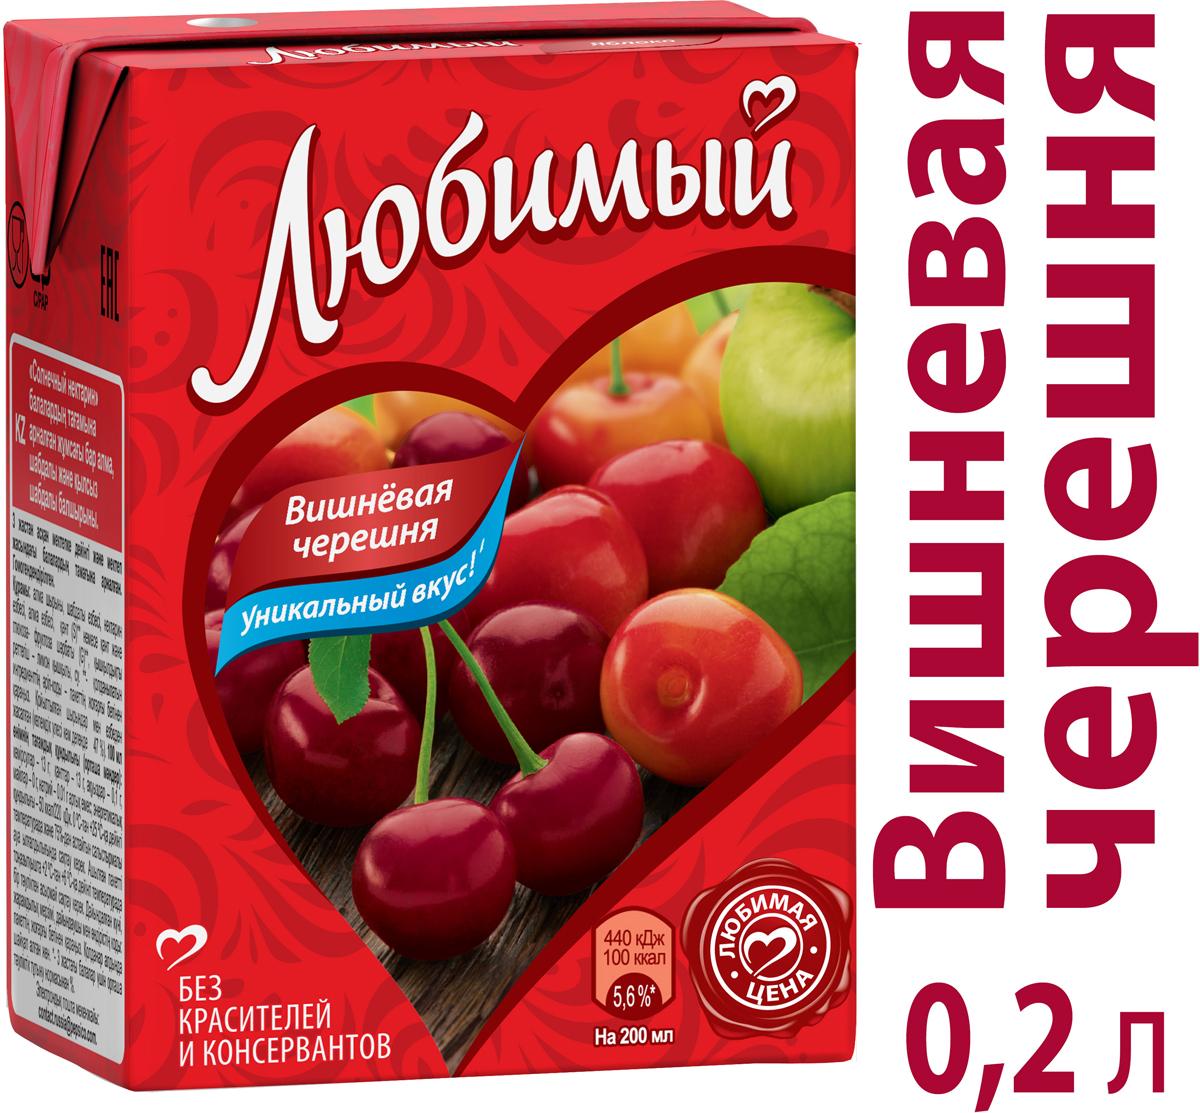 Любимый Яблоко-Вишня-Черешня напиток сокосодержащий осветленный, 0,2 л добрый pulpy апельсин напиток сокосодержащий с мякотью 0 9 л